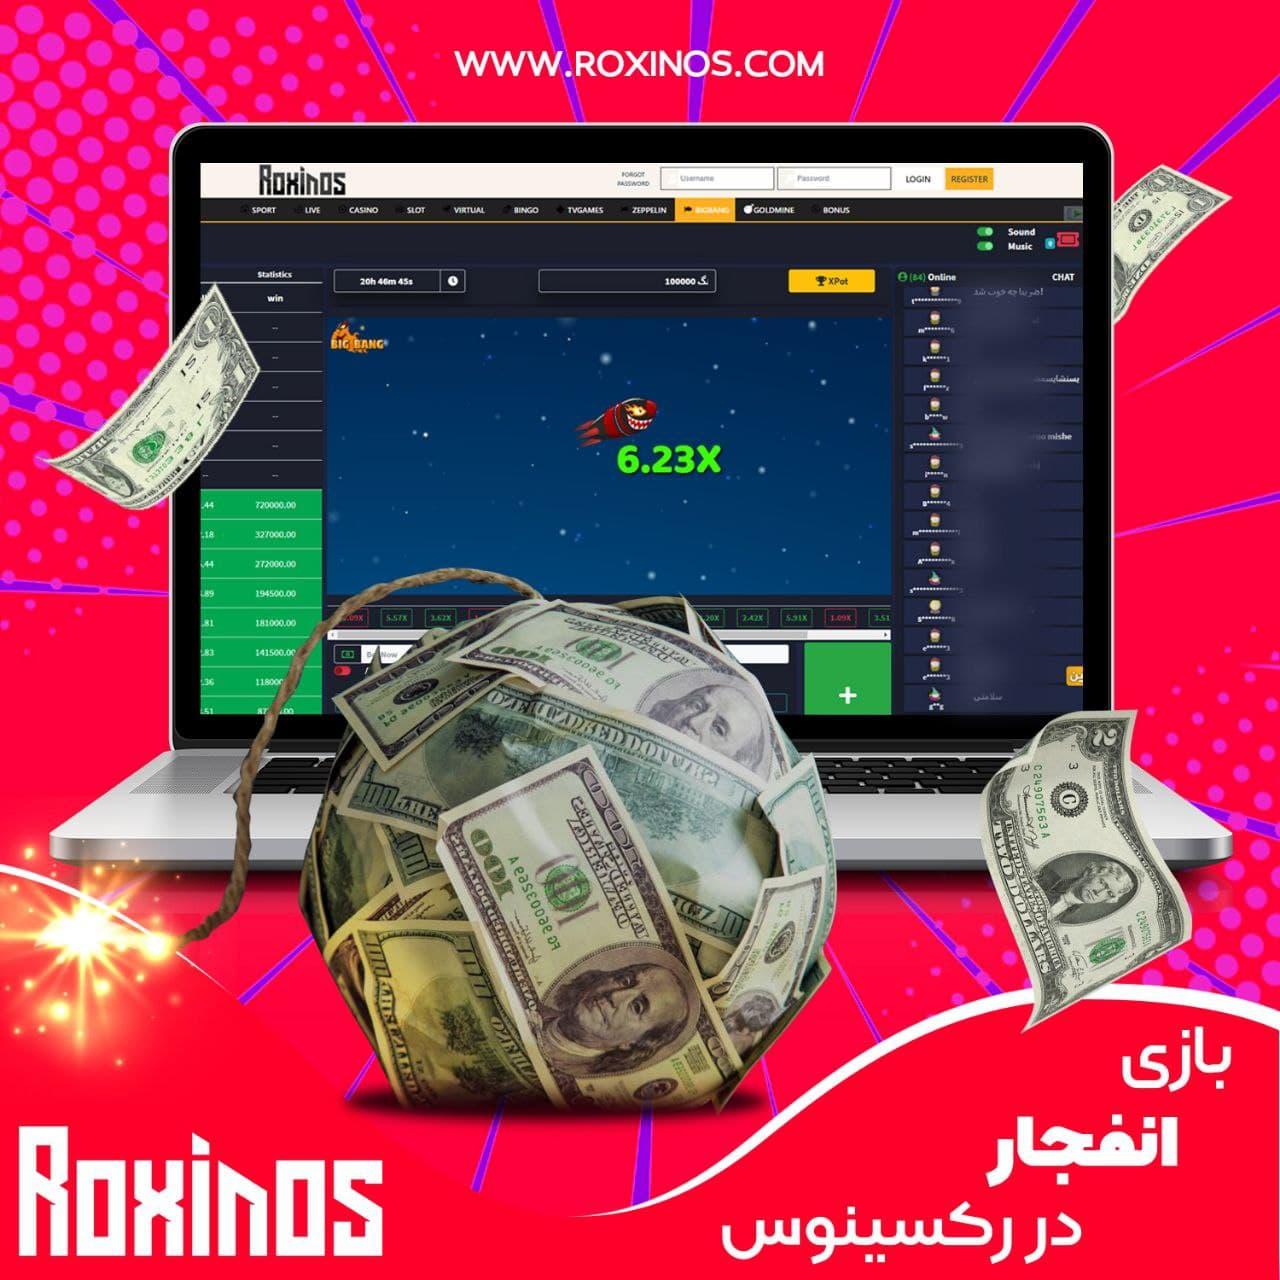 بازی انفجار رکسینوس Roxinos